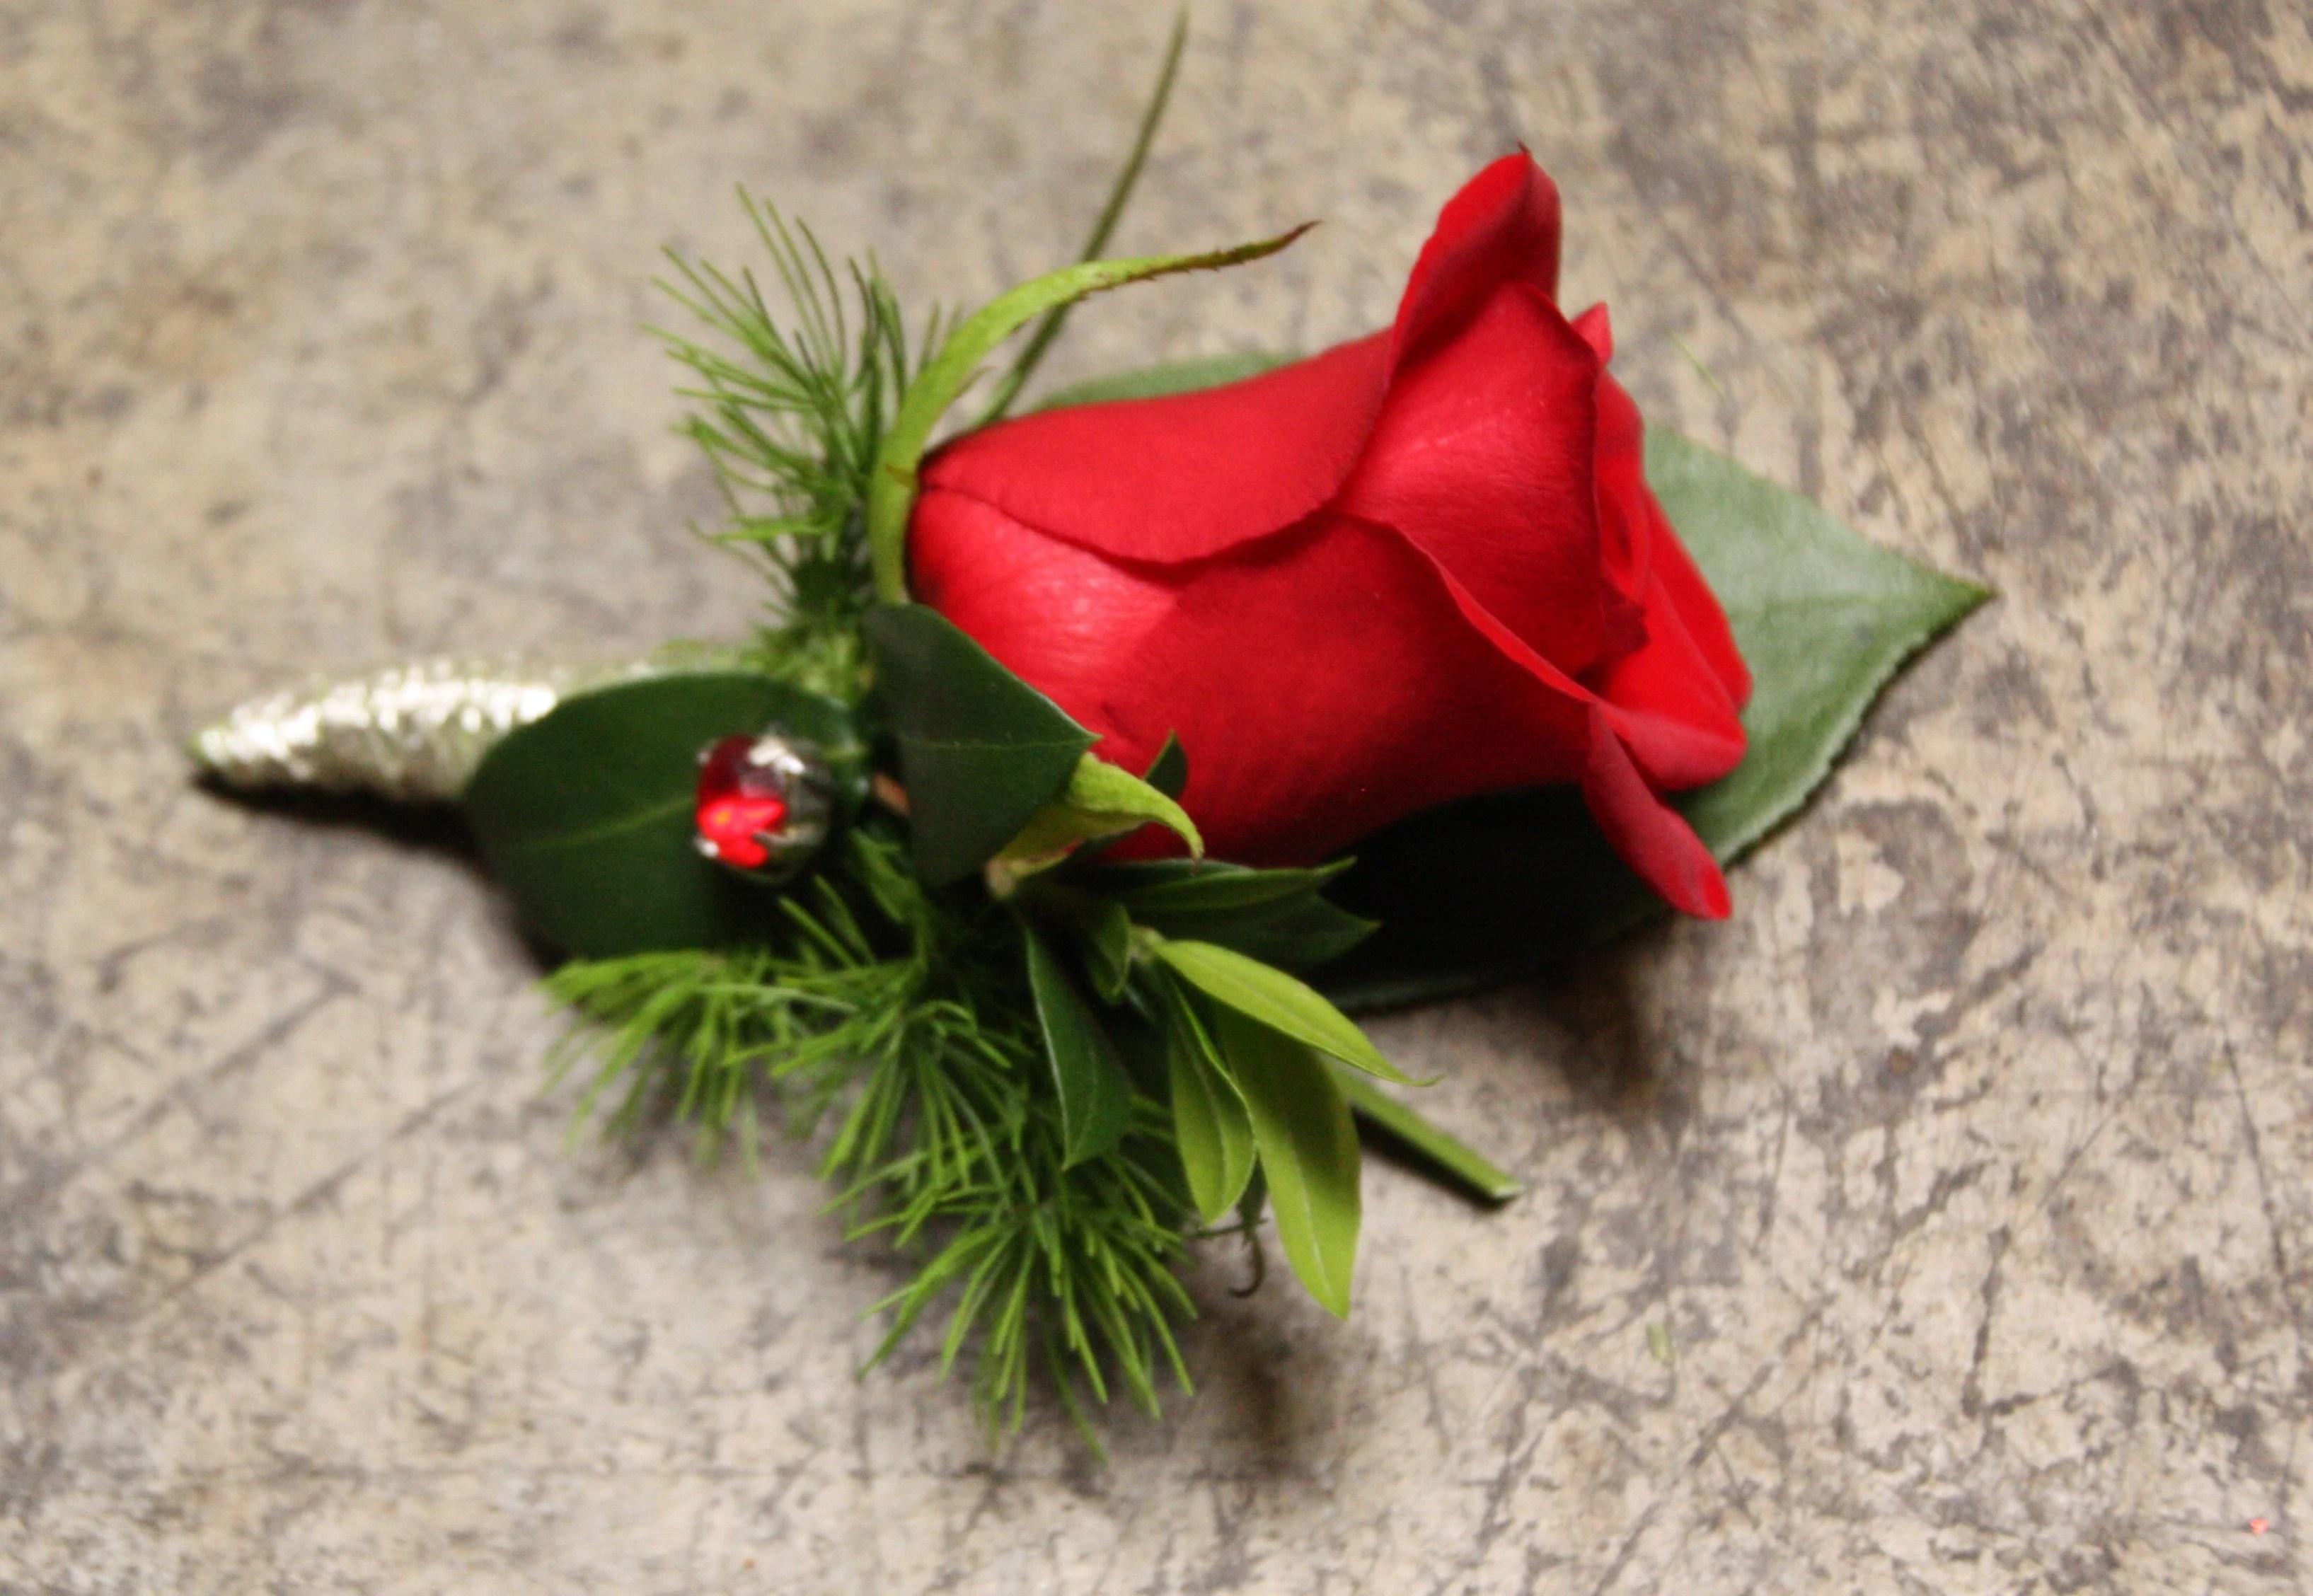 romantic red rose in